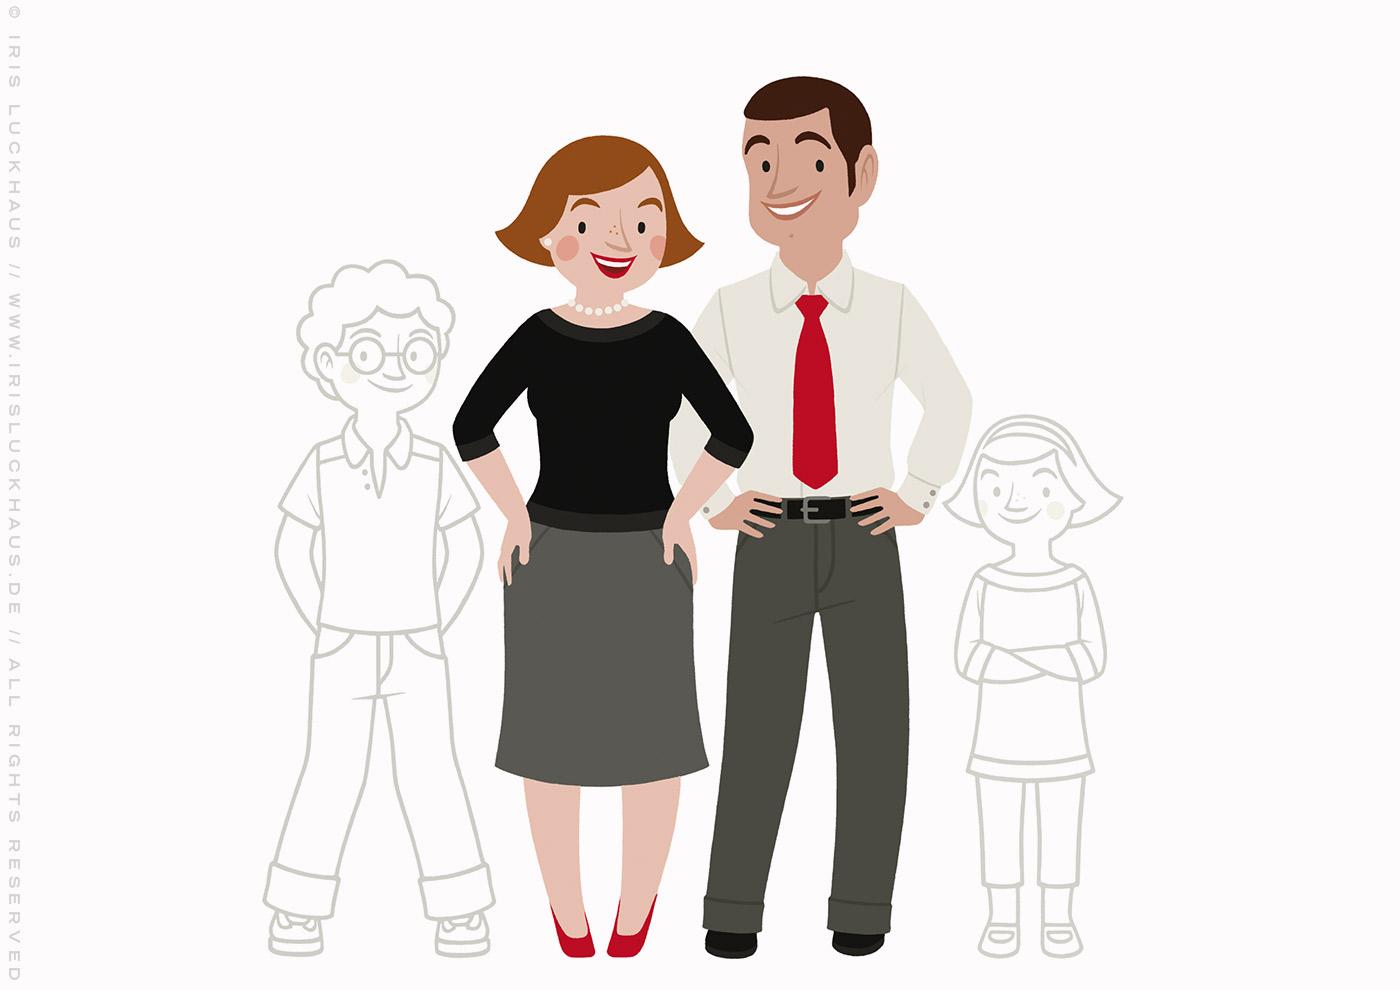 Zeichnung von einer Familie, einem Paar mit Kindern zum Ausmalen für einen Fragebogen der Stadtsparkasse Wuppertal